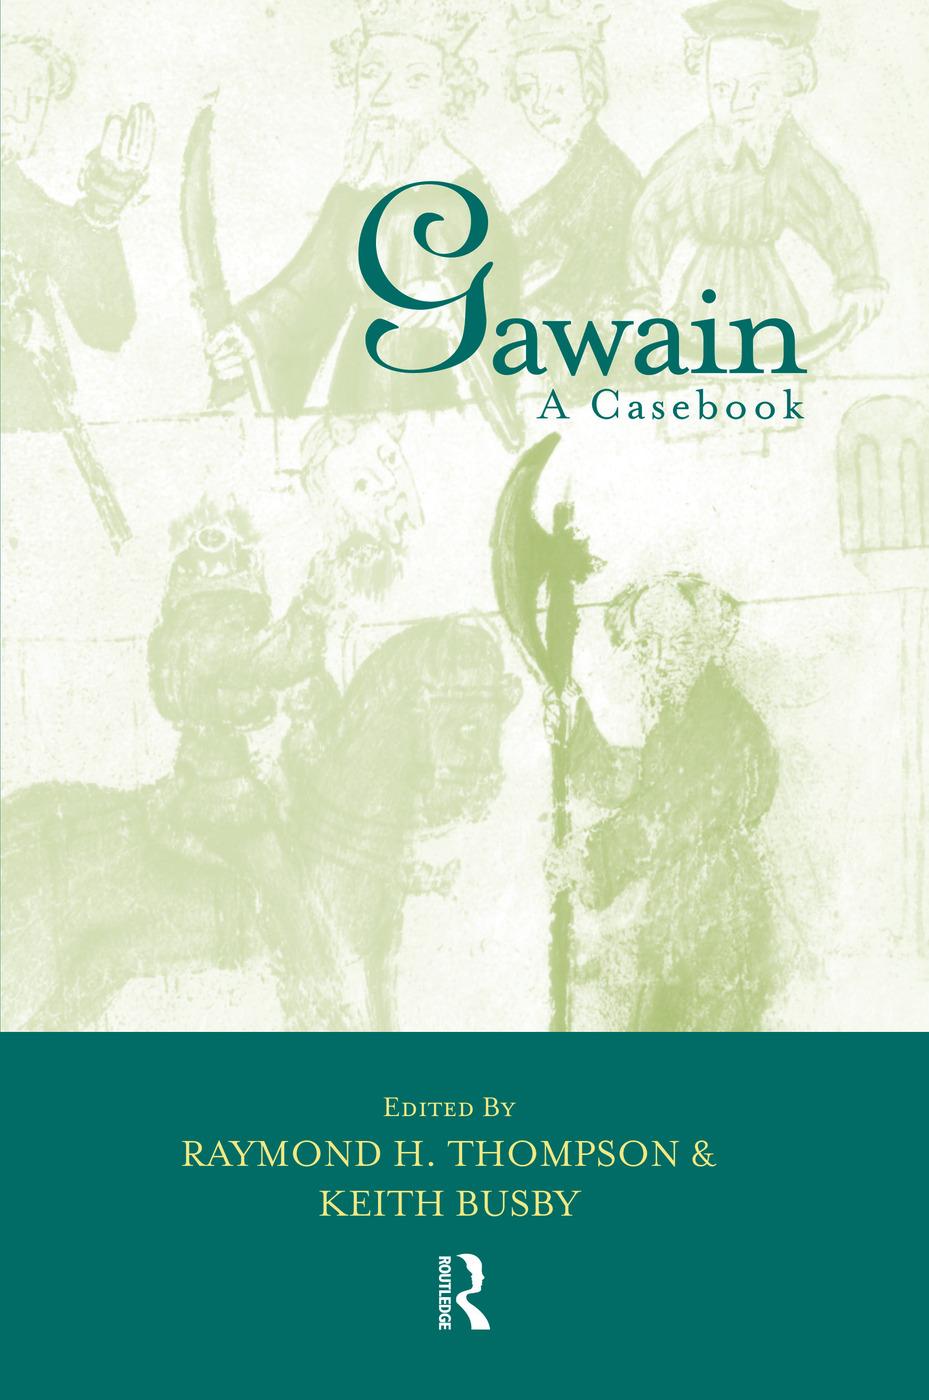 Gawain: A Casebook book cover